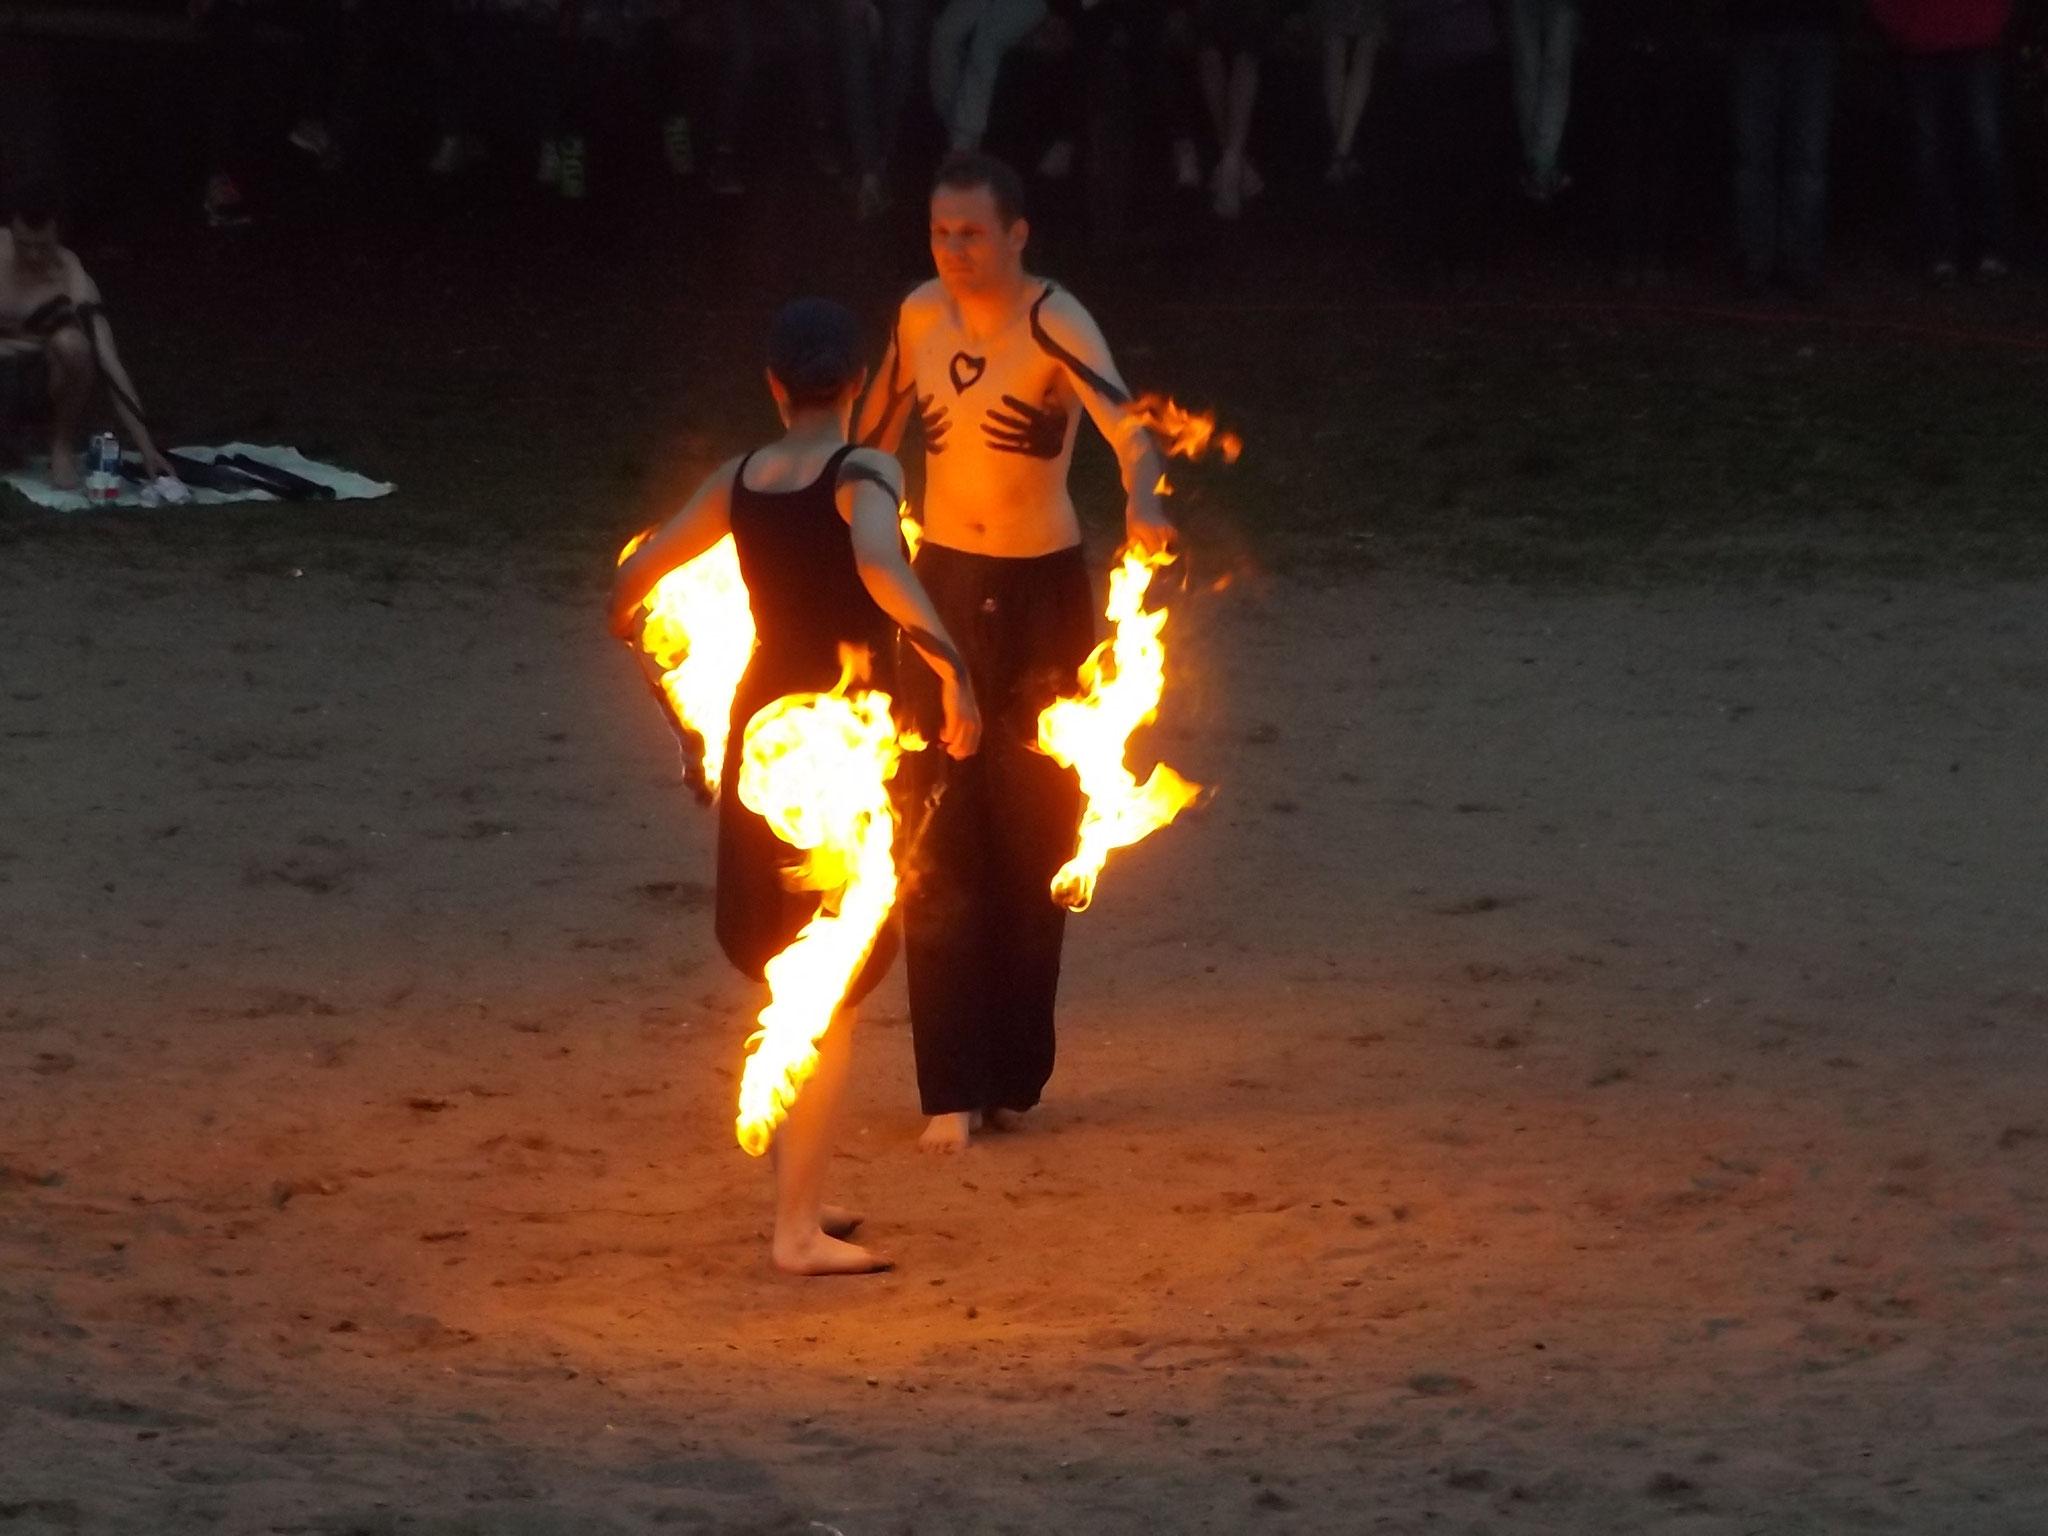 Spektakuläre Feuerspiele